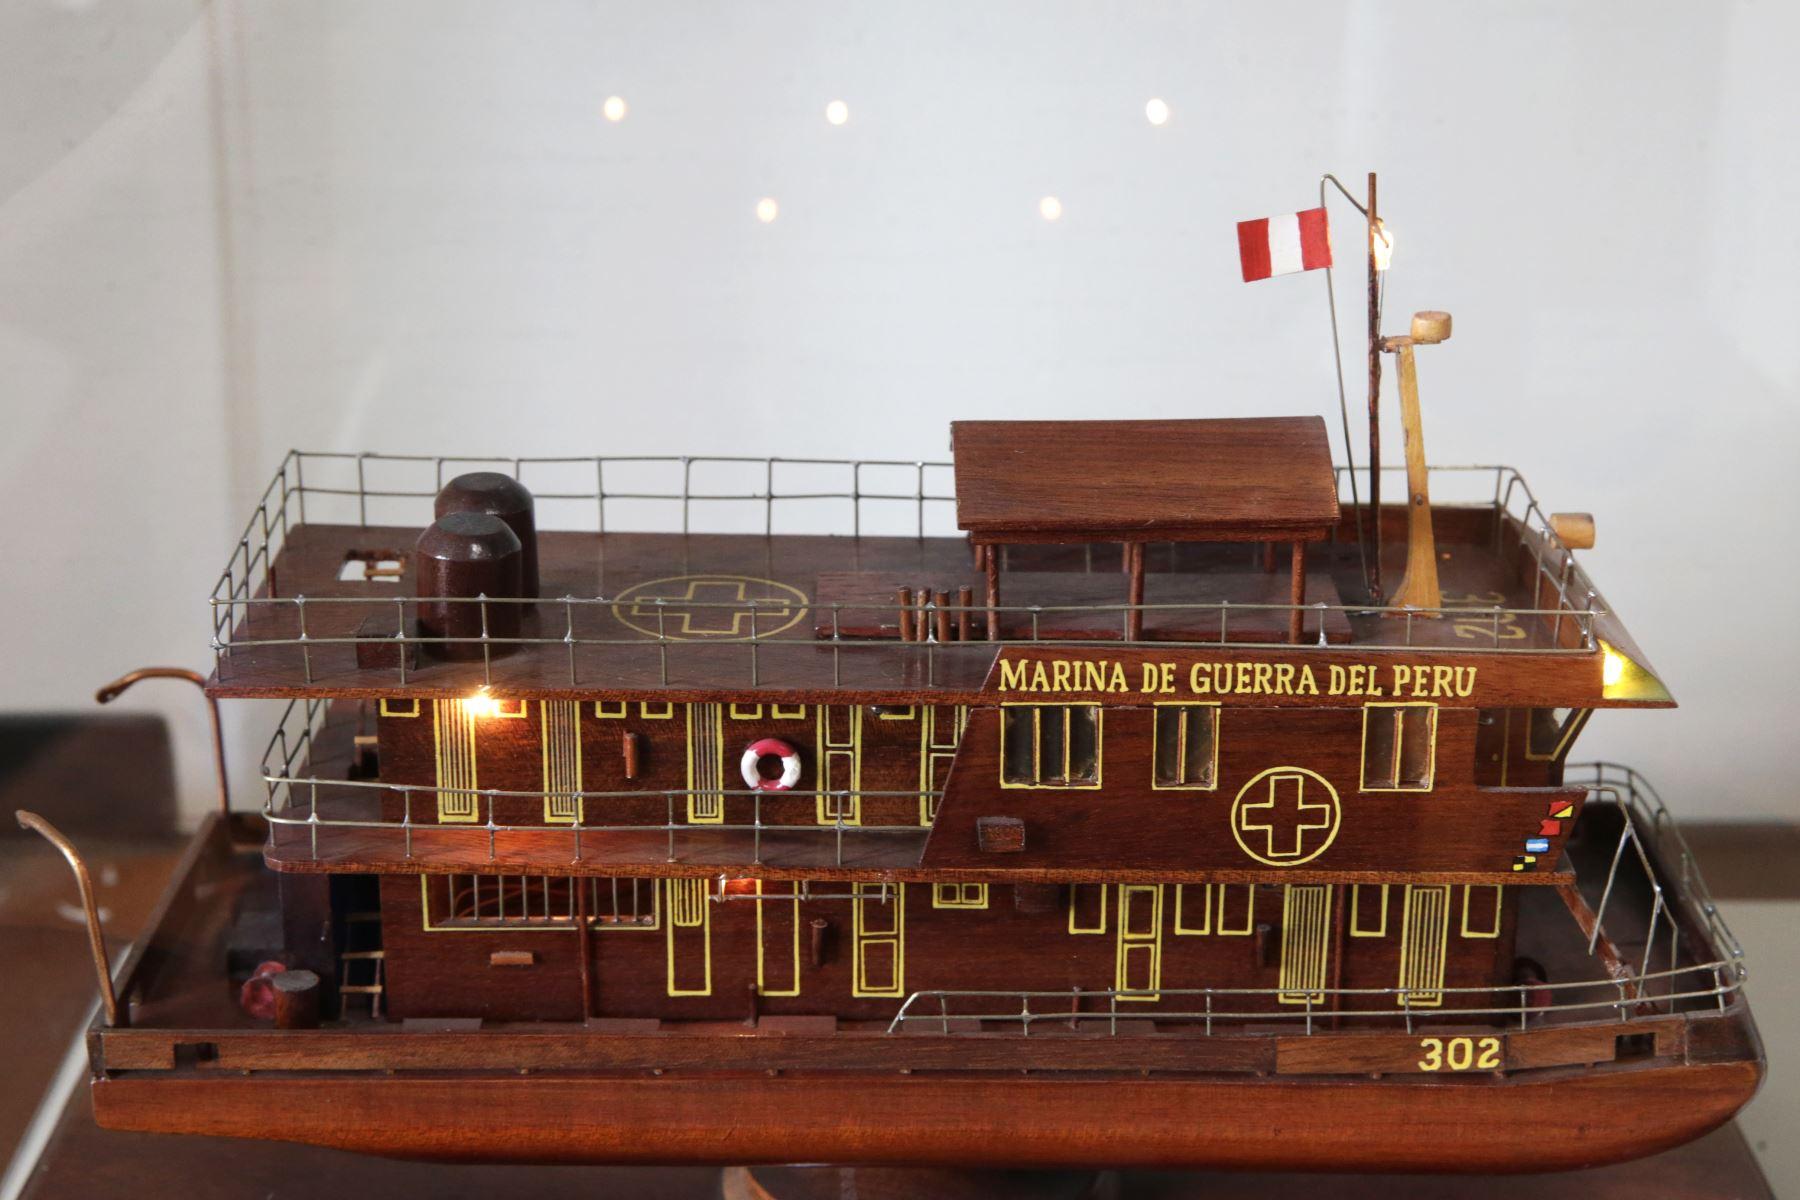 Museo Naval. La primera foto es la maqueta del BAP MORONA uno de los buques hospital que tiene la Armada en la selva y lo usamos para hacer acción cívica. Foto: ANDINA/Melina Mejía